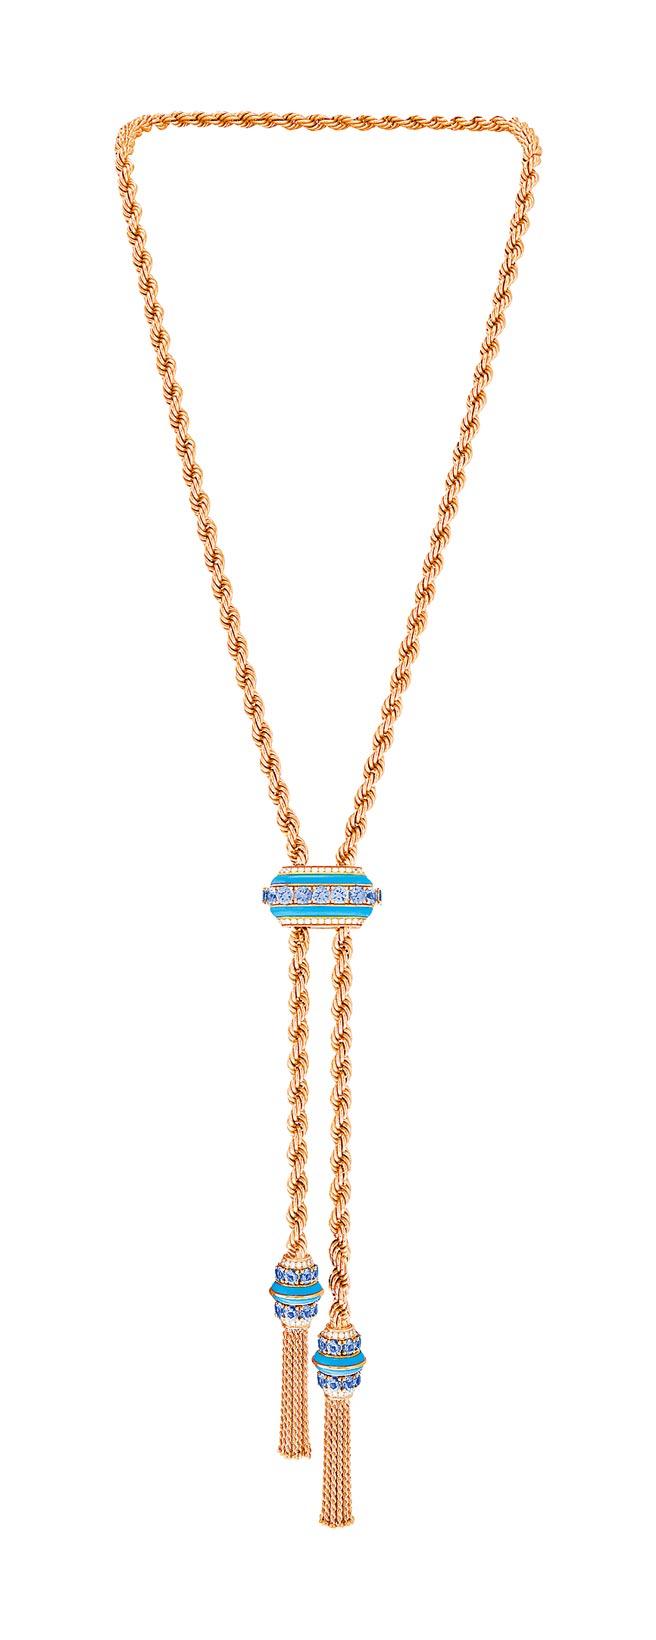 梵克雅寶Liane項鍊,玫瑰金、坦桑石、綠松石、鑽石,380萬元。(Van Cleef & Arpels提供)